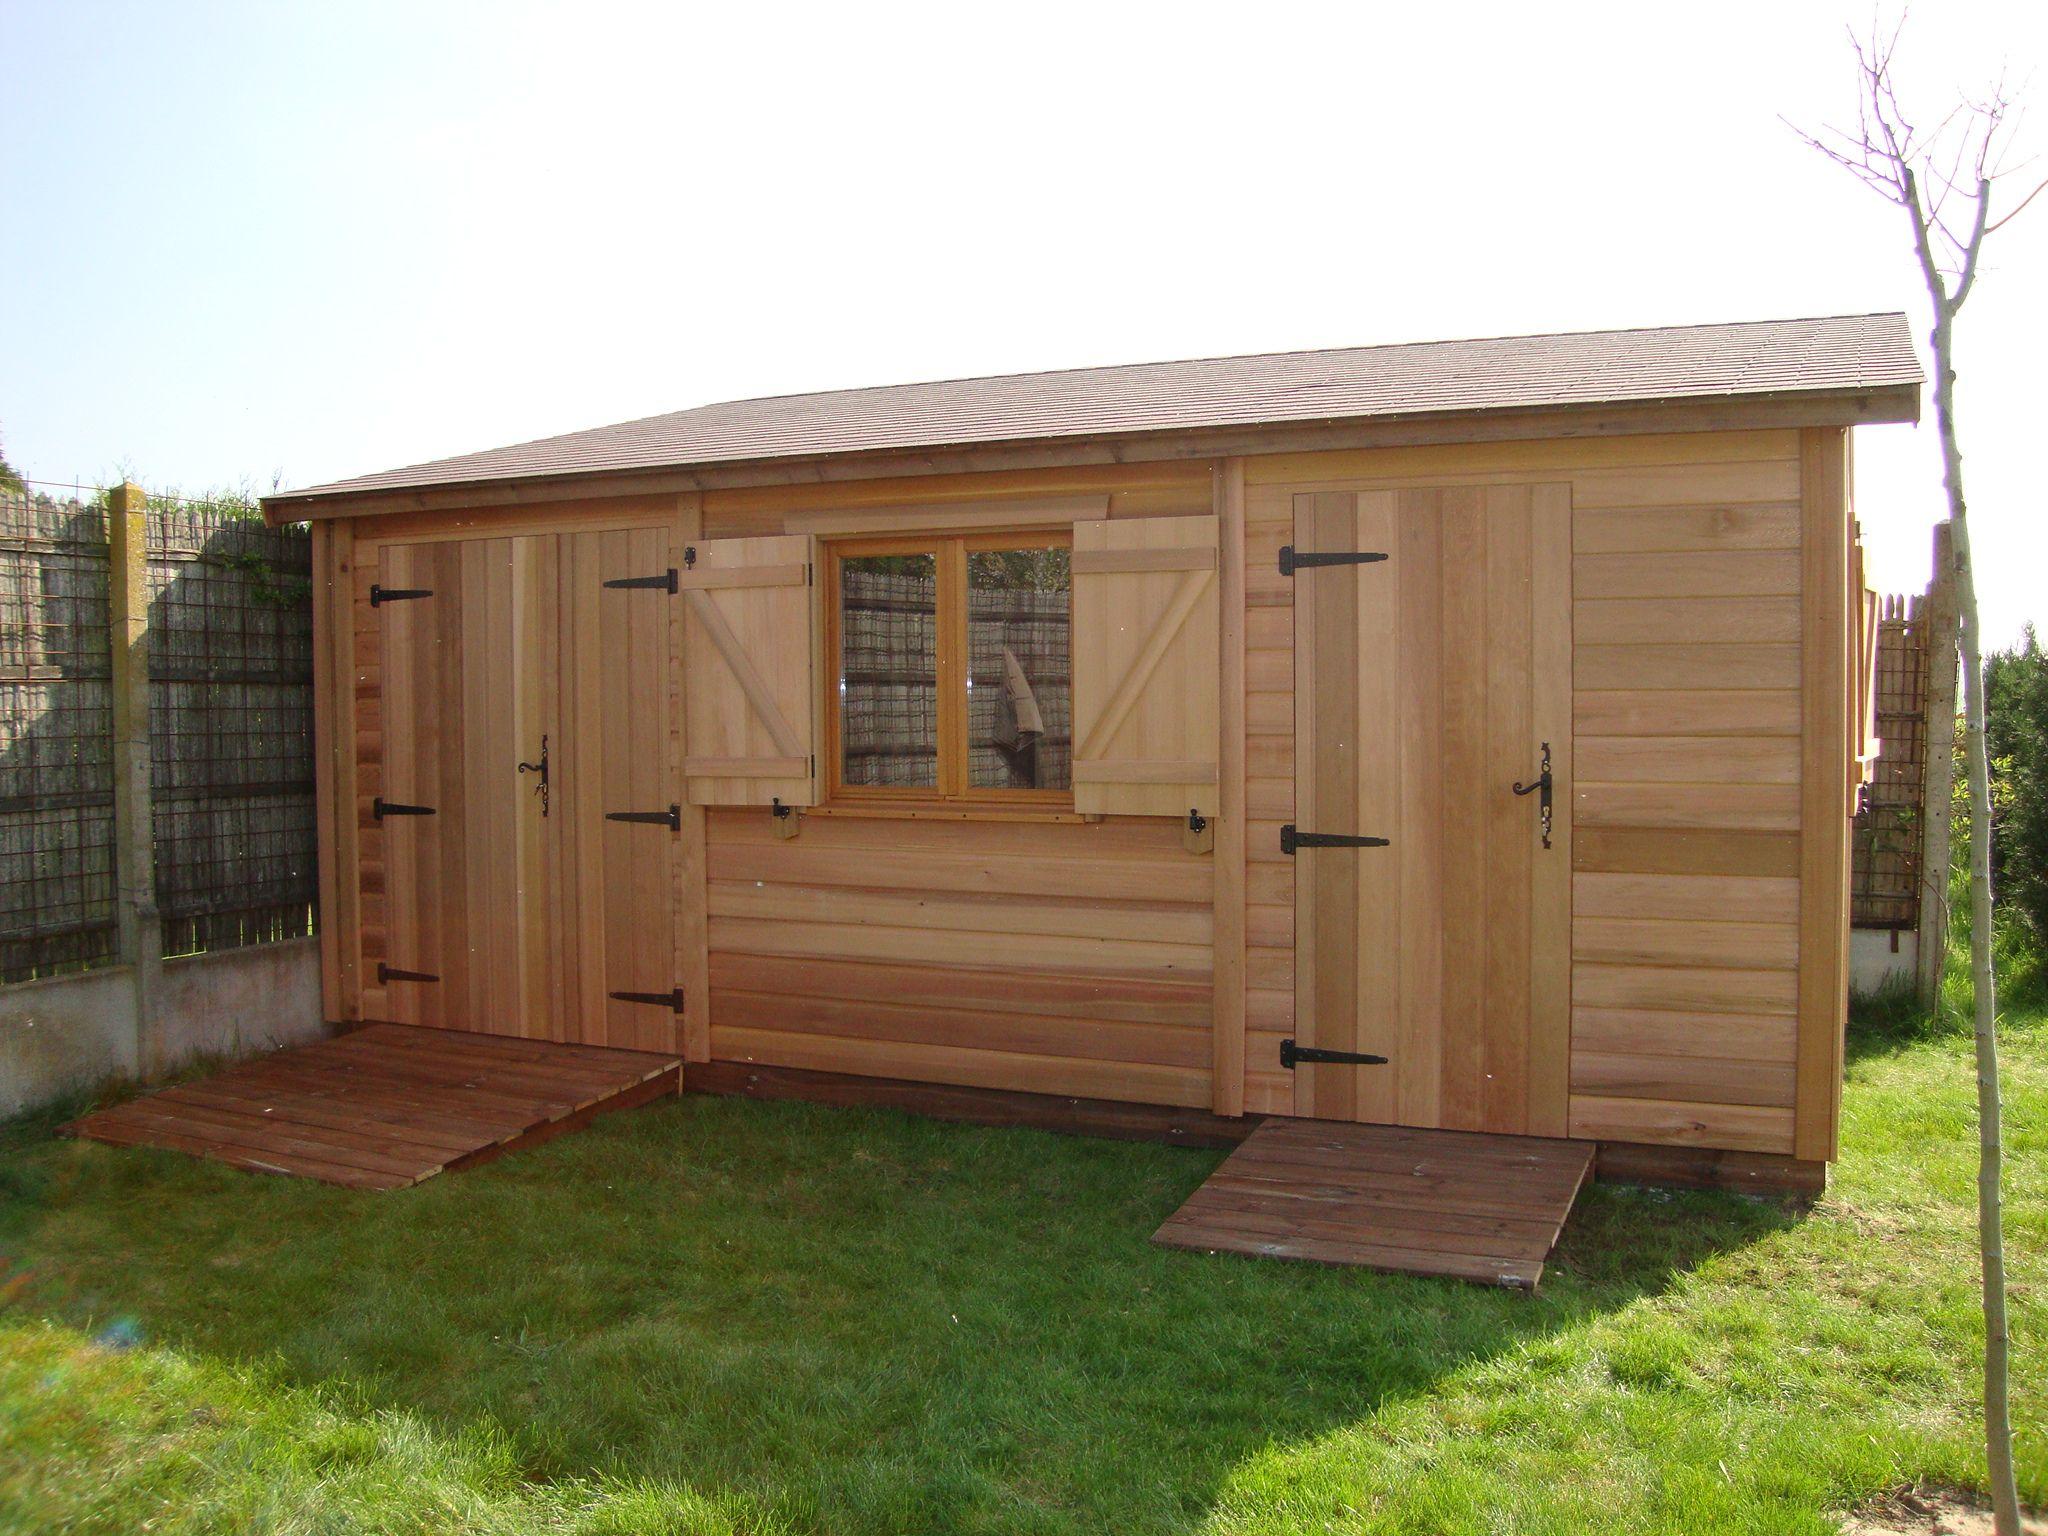 Kiosque En Bois Hexagonal abri de jardin bois roquebrune 3,00 m x 5,50 m